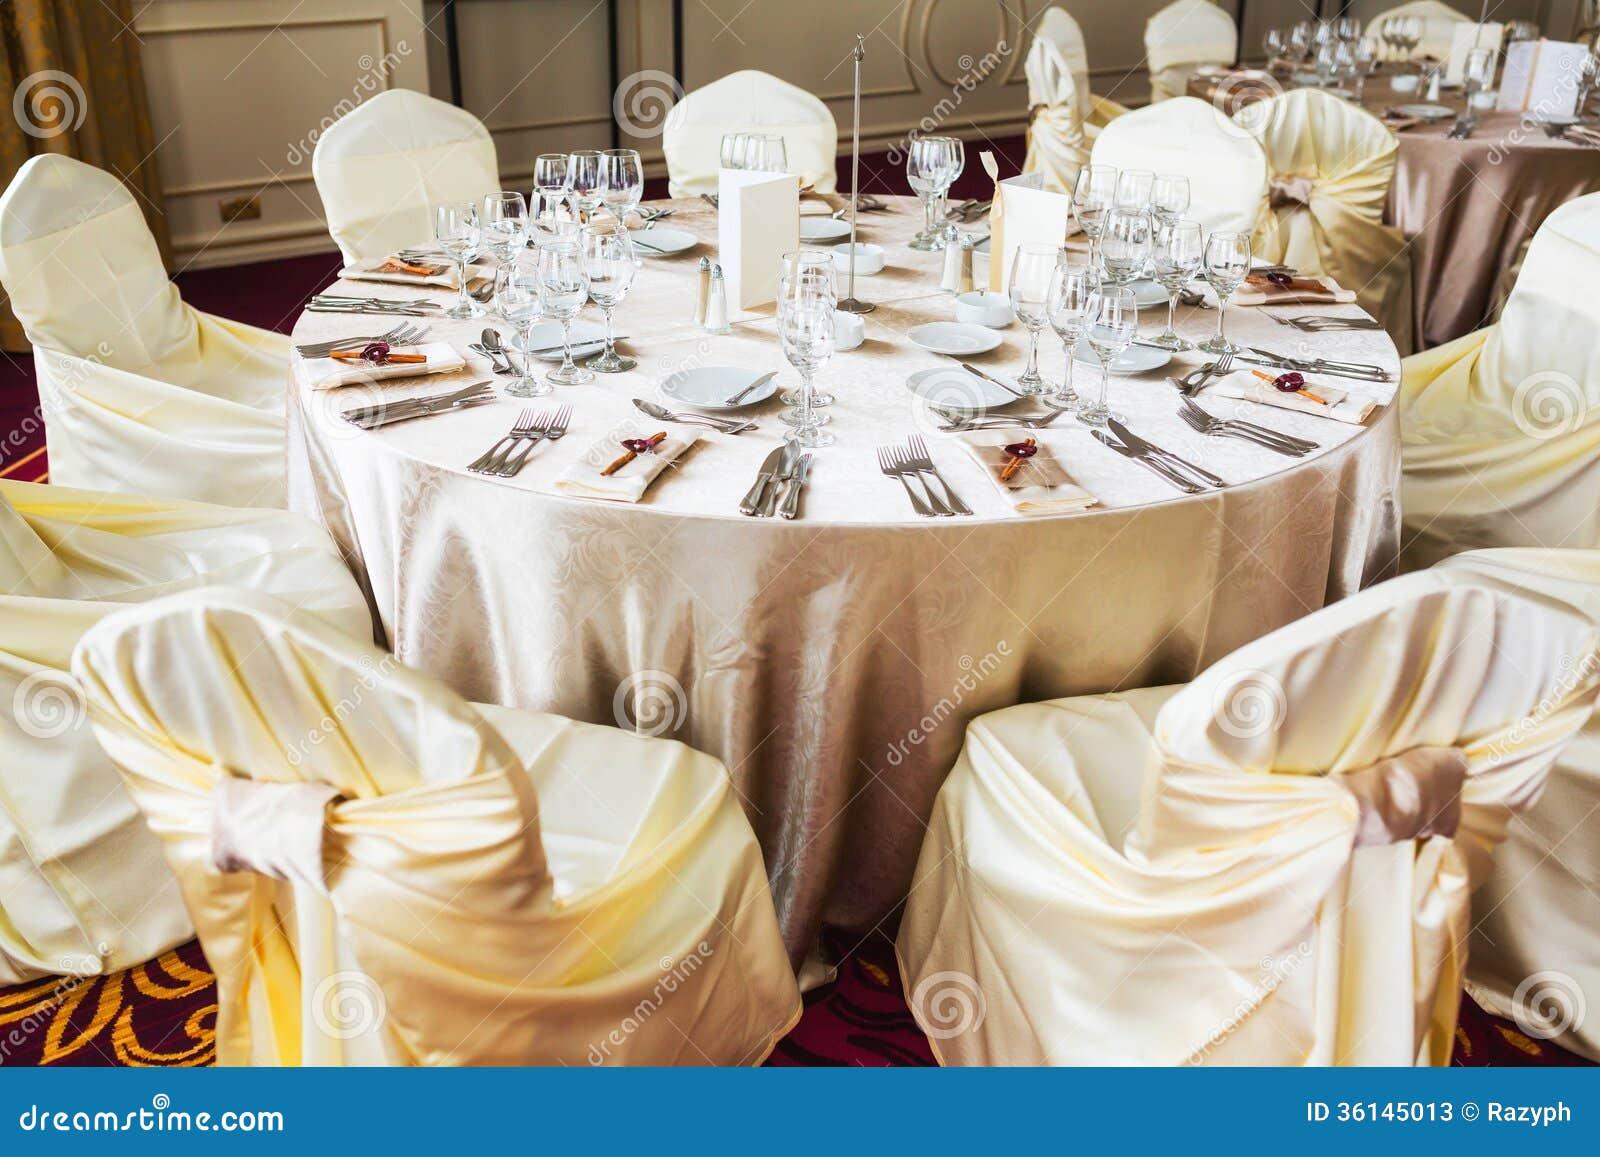 Table d 39 int rieur de mariage avec la d coration beige for Chemin de table beige